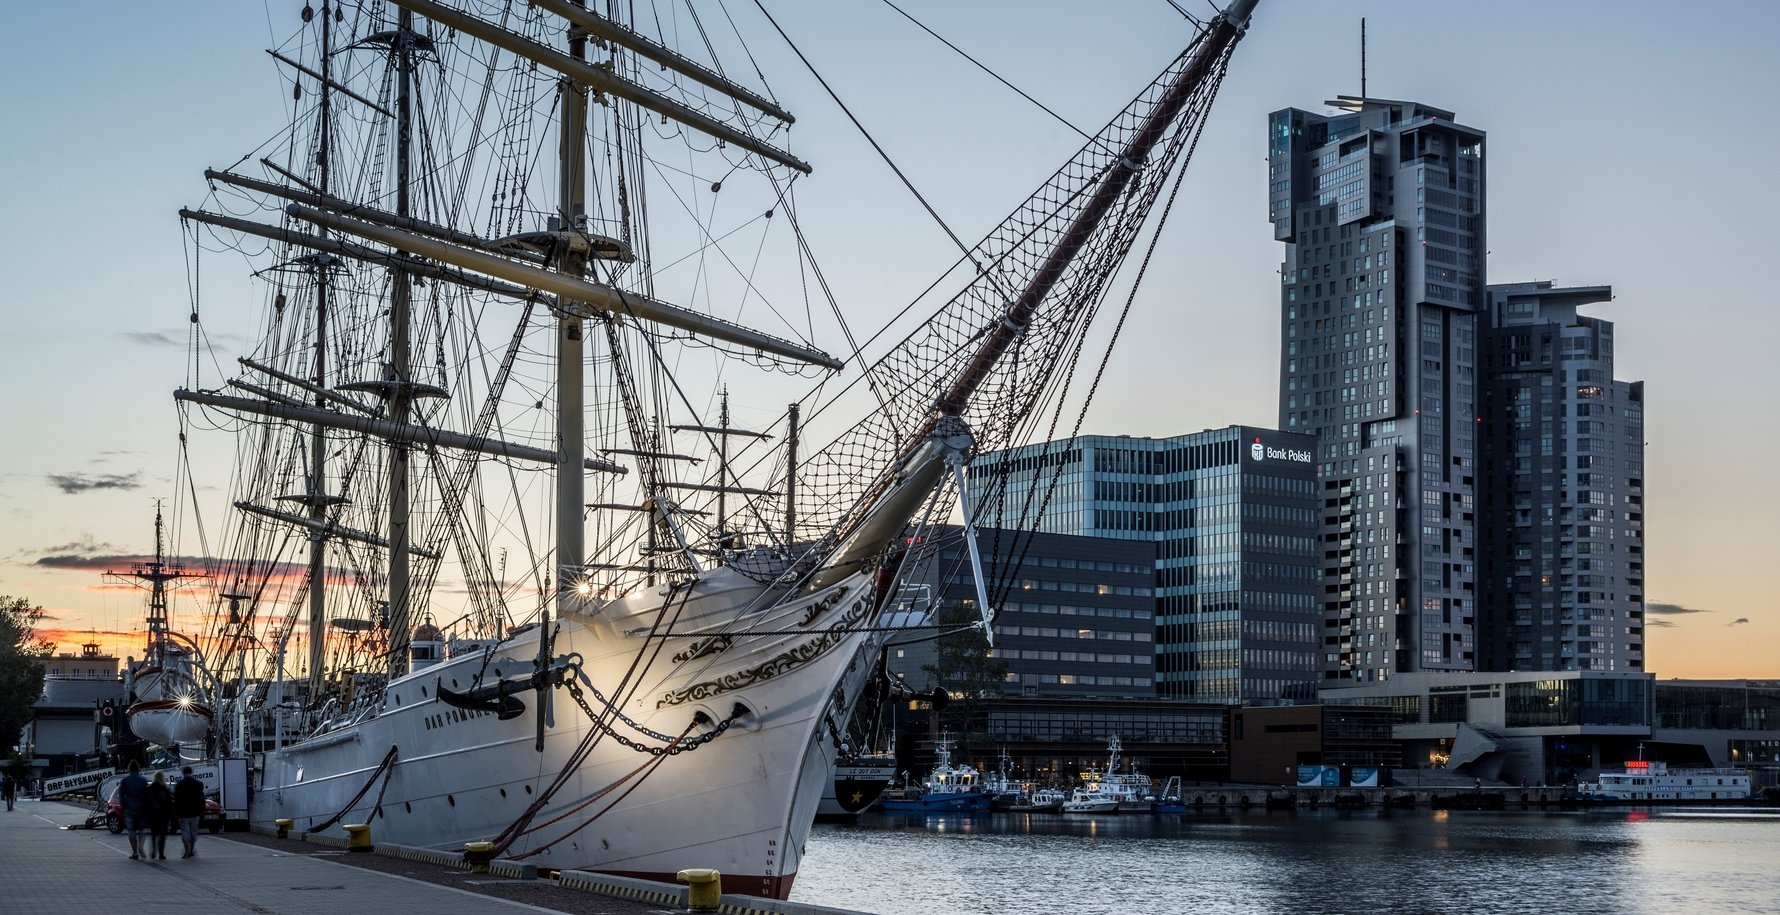 Dar Pomorze in Gdynia